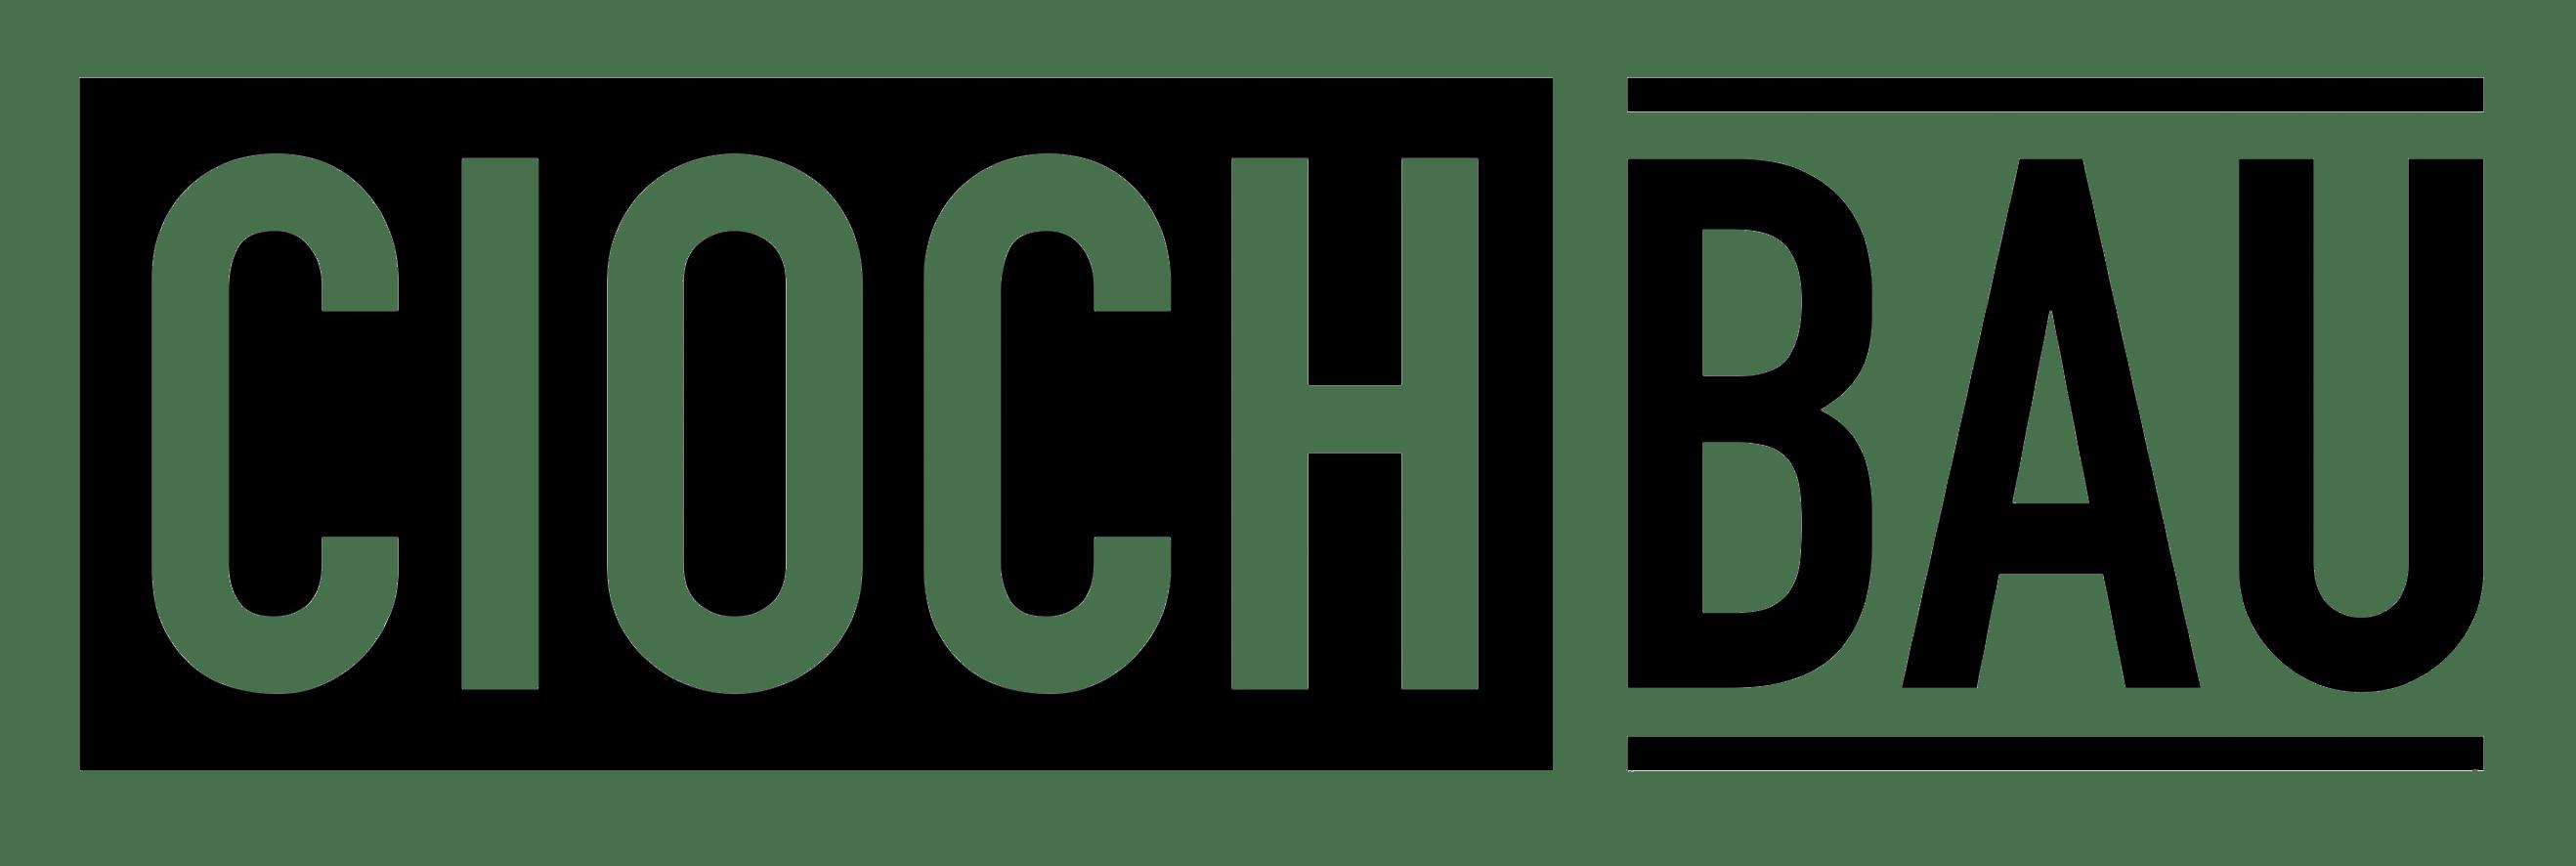 Cioch Bau Sanierung Renovierung Hamburg Fliesenleger Badezimmer Modernisierung Innenausbau Handwerker - Logo